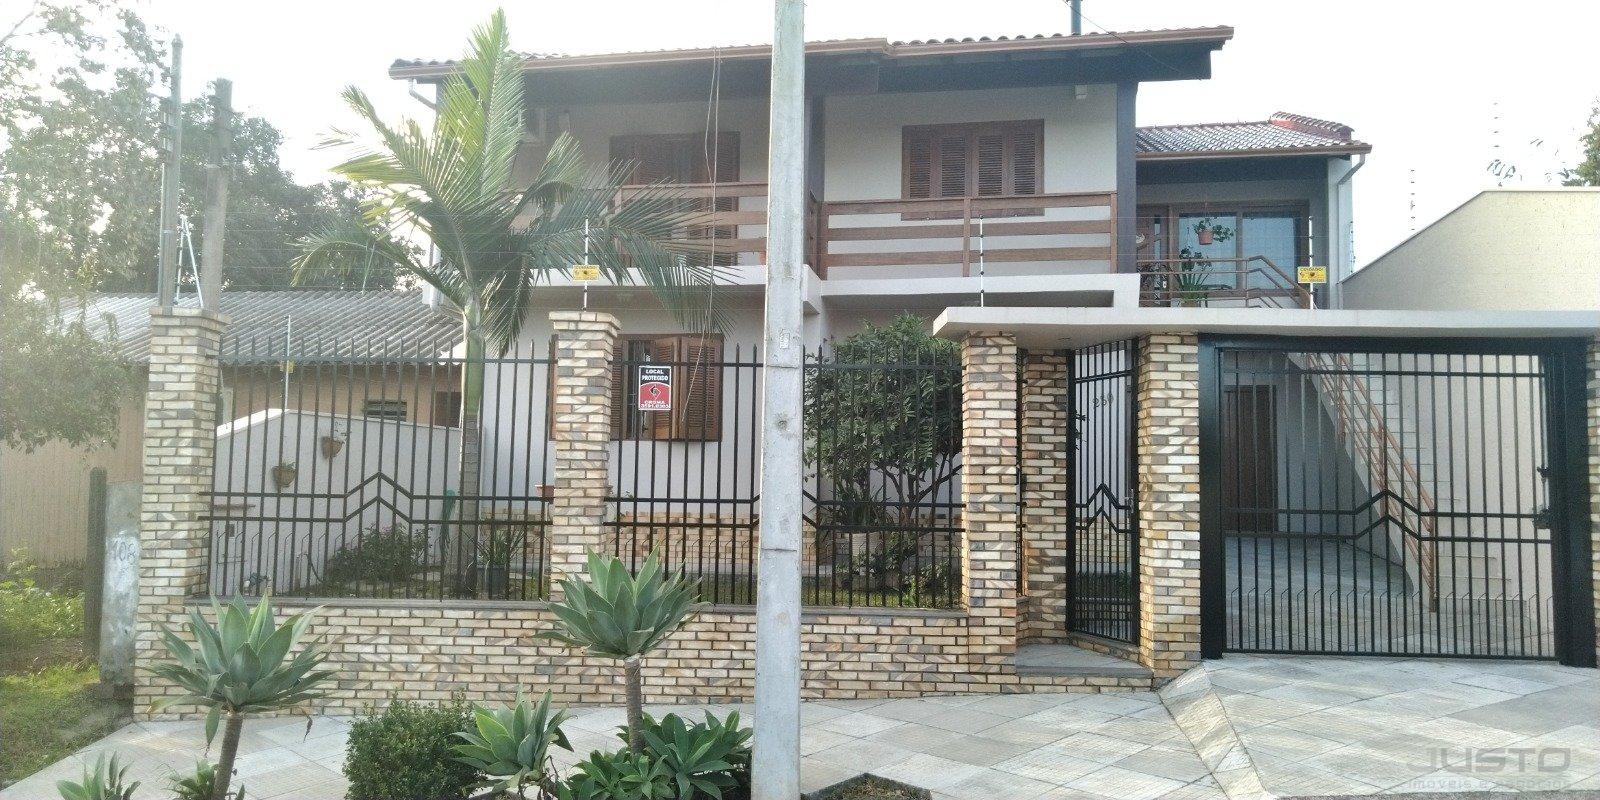 Casa Residencial Santa Tereza Sao Leopoldo